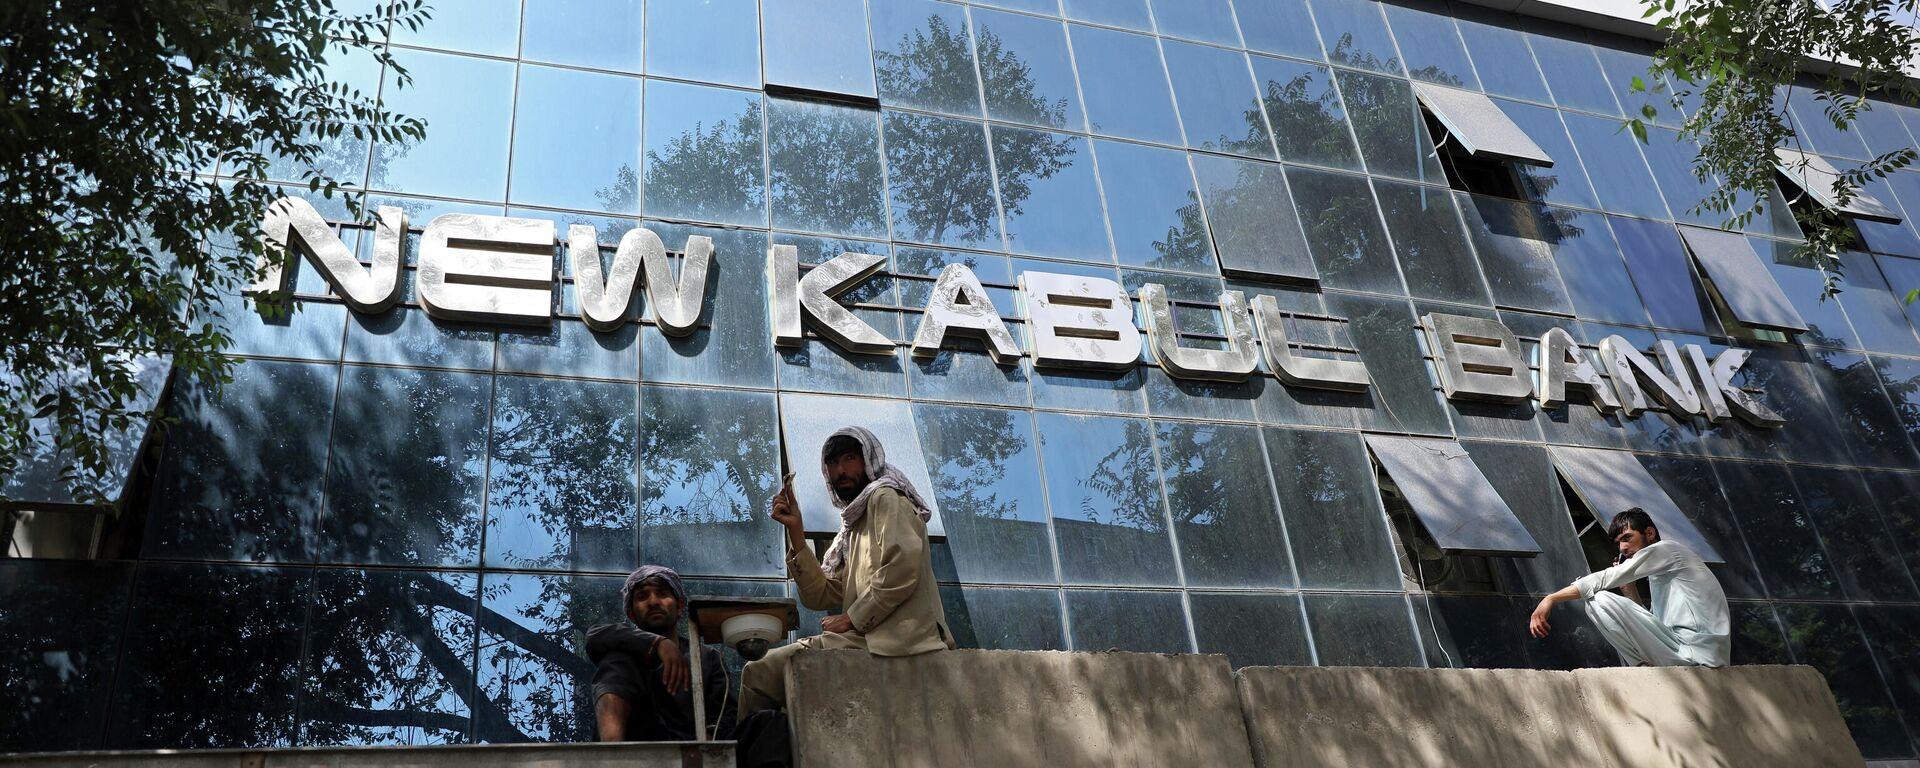 Kabuler Bank (Archivbild) - SNA, 1920, 16.09.2021